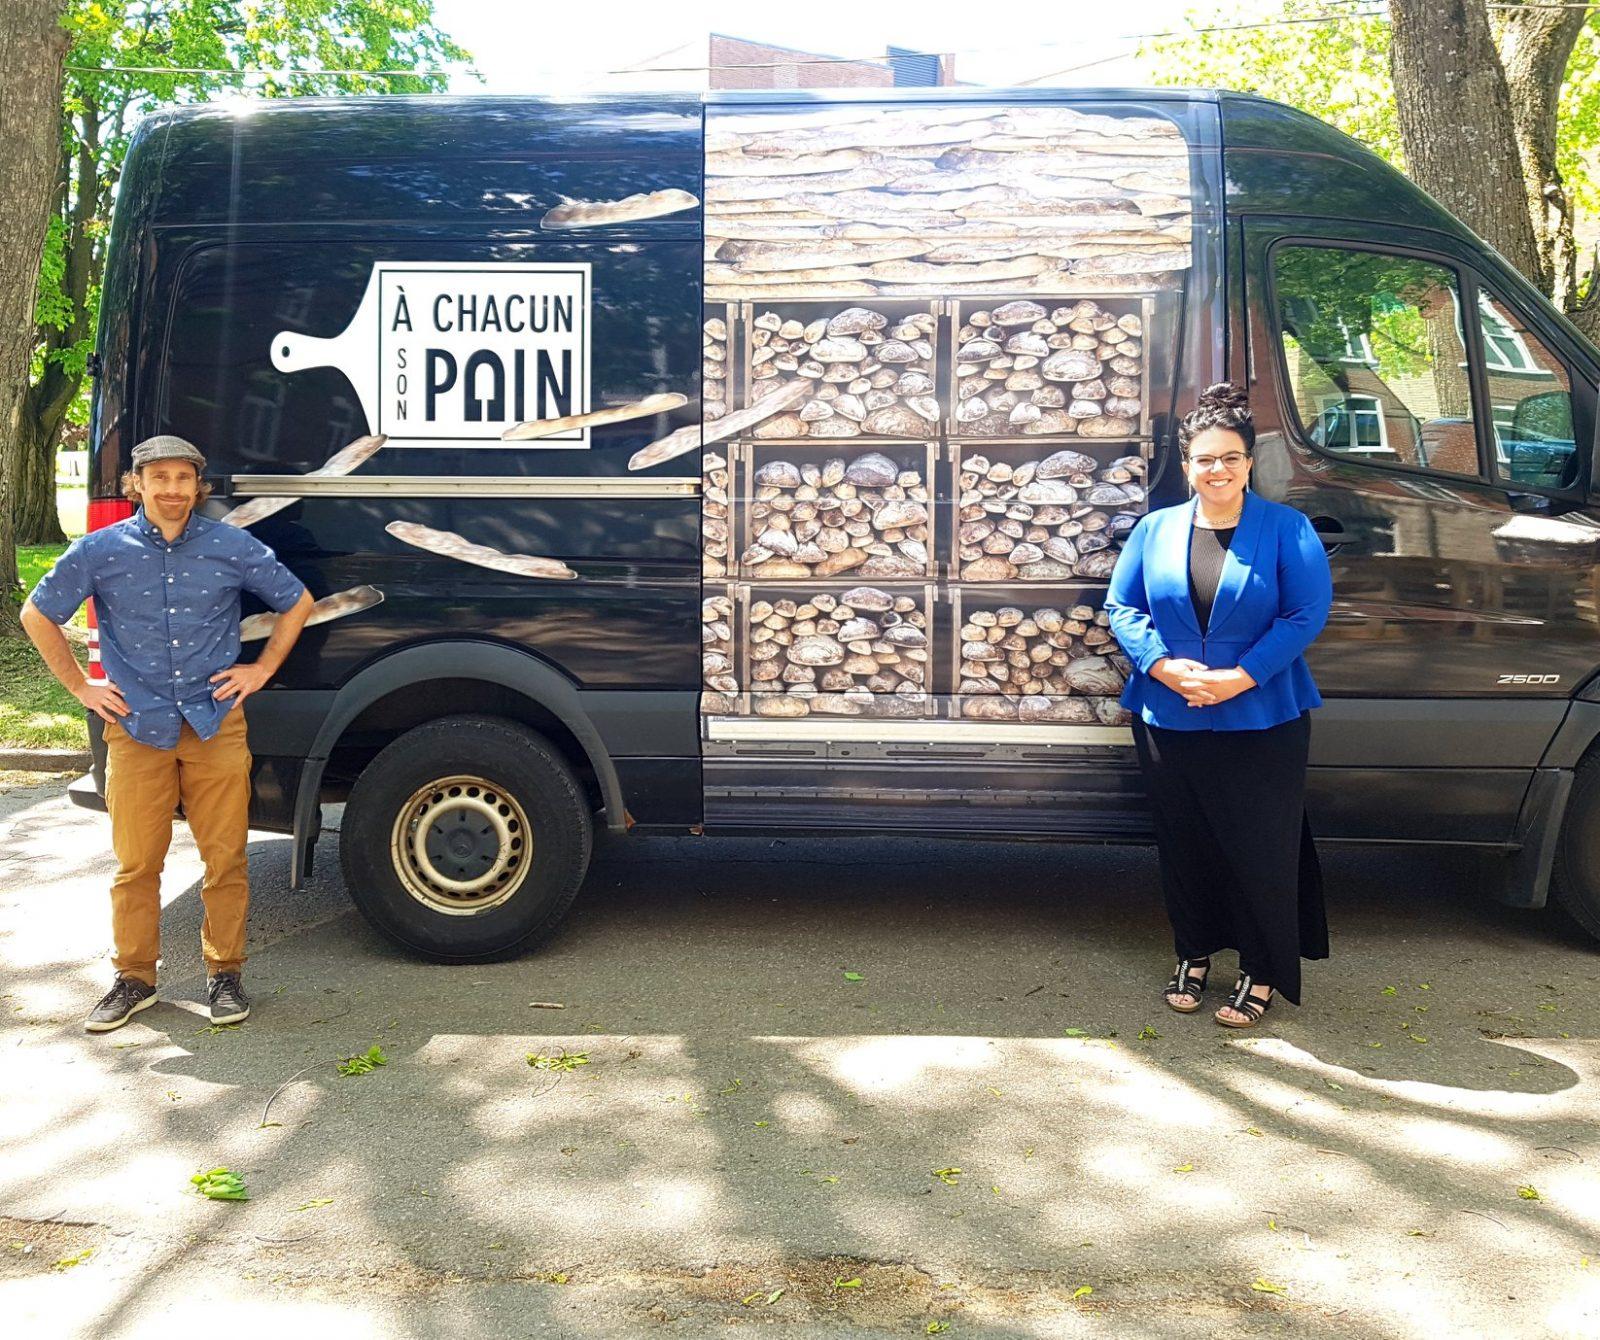 Une aide financière de 150 000 $ à la Boulangerie À Chacun Son Pain